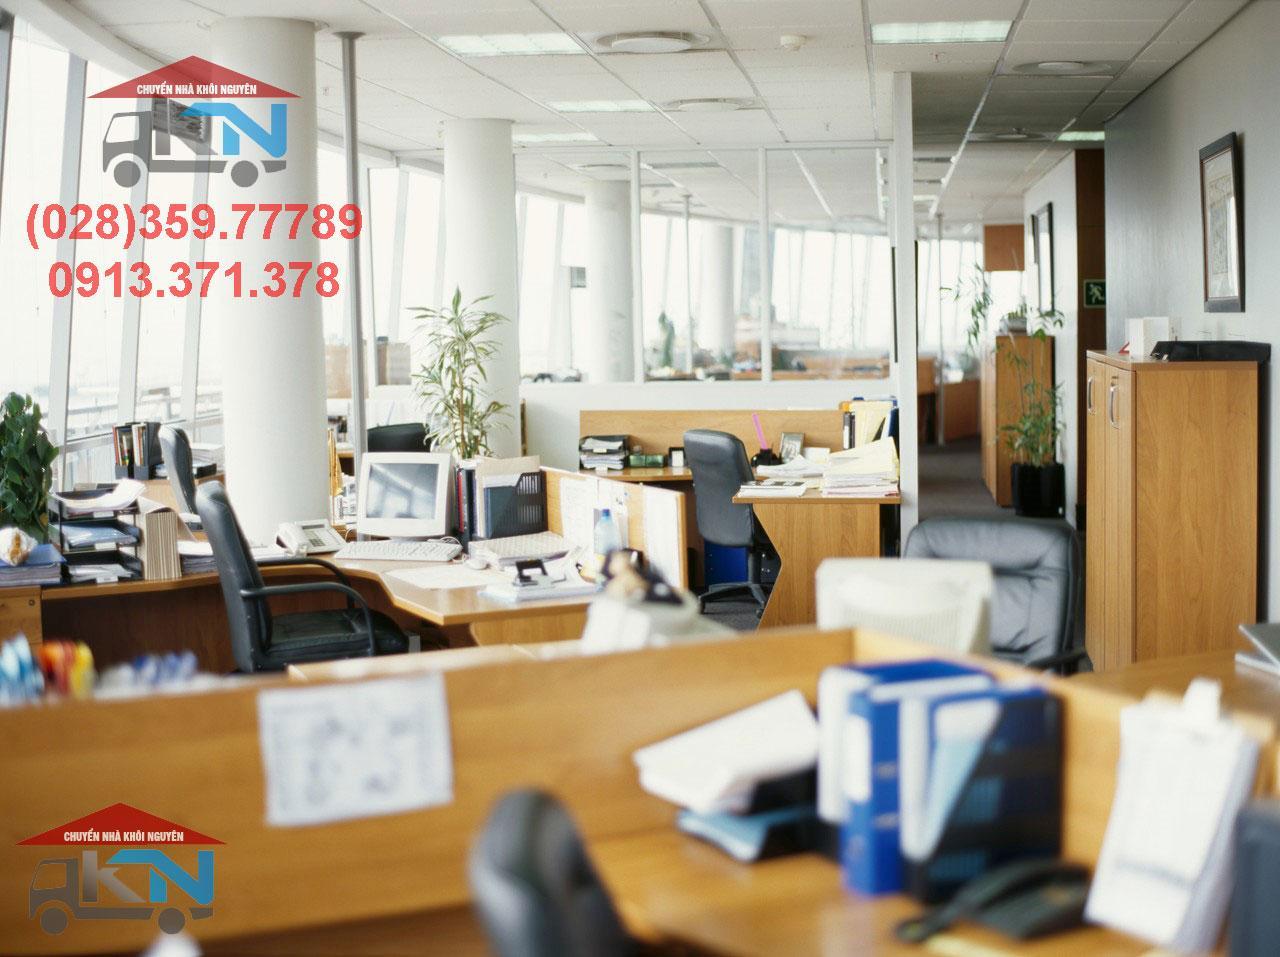 Dịch vụ chuyển văn phòng trọn gói giá rẻ quận 2